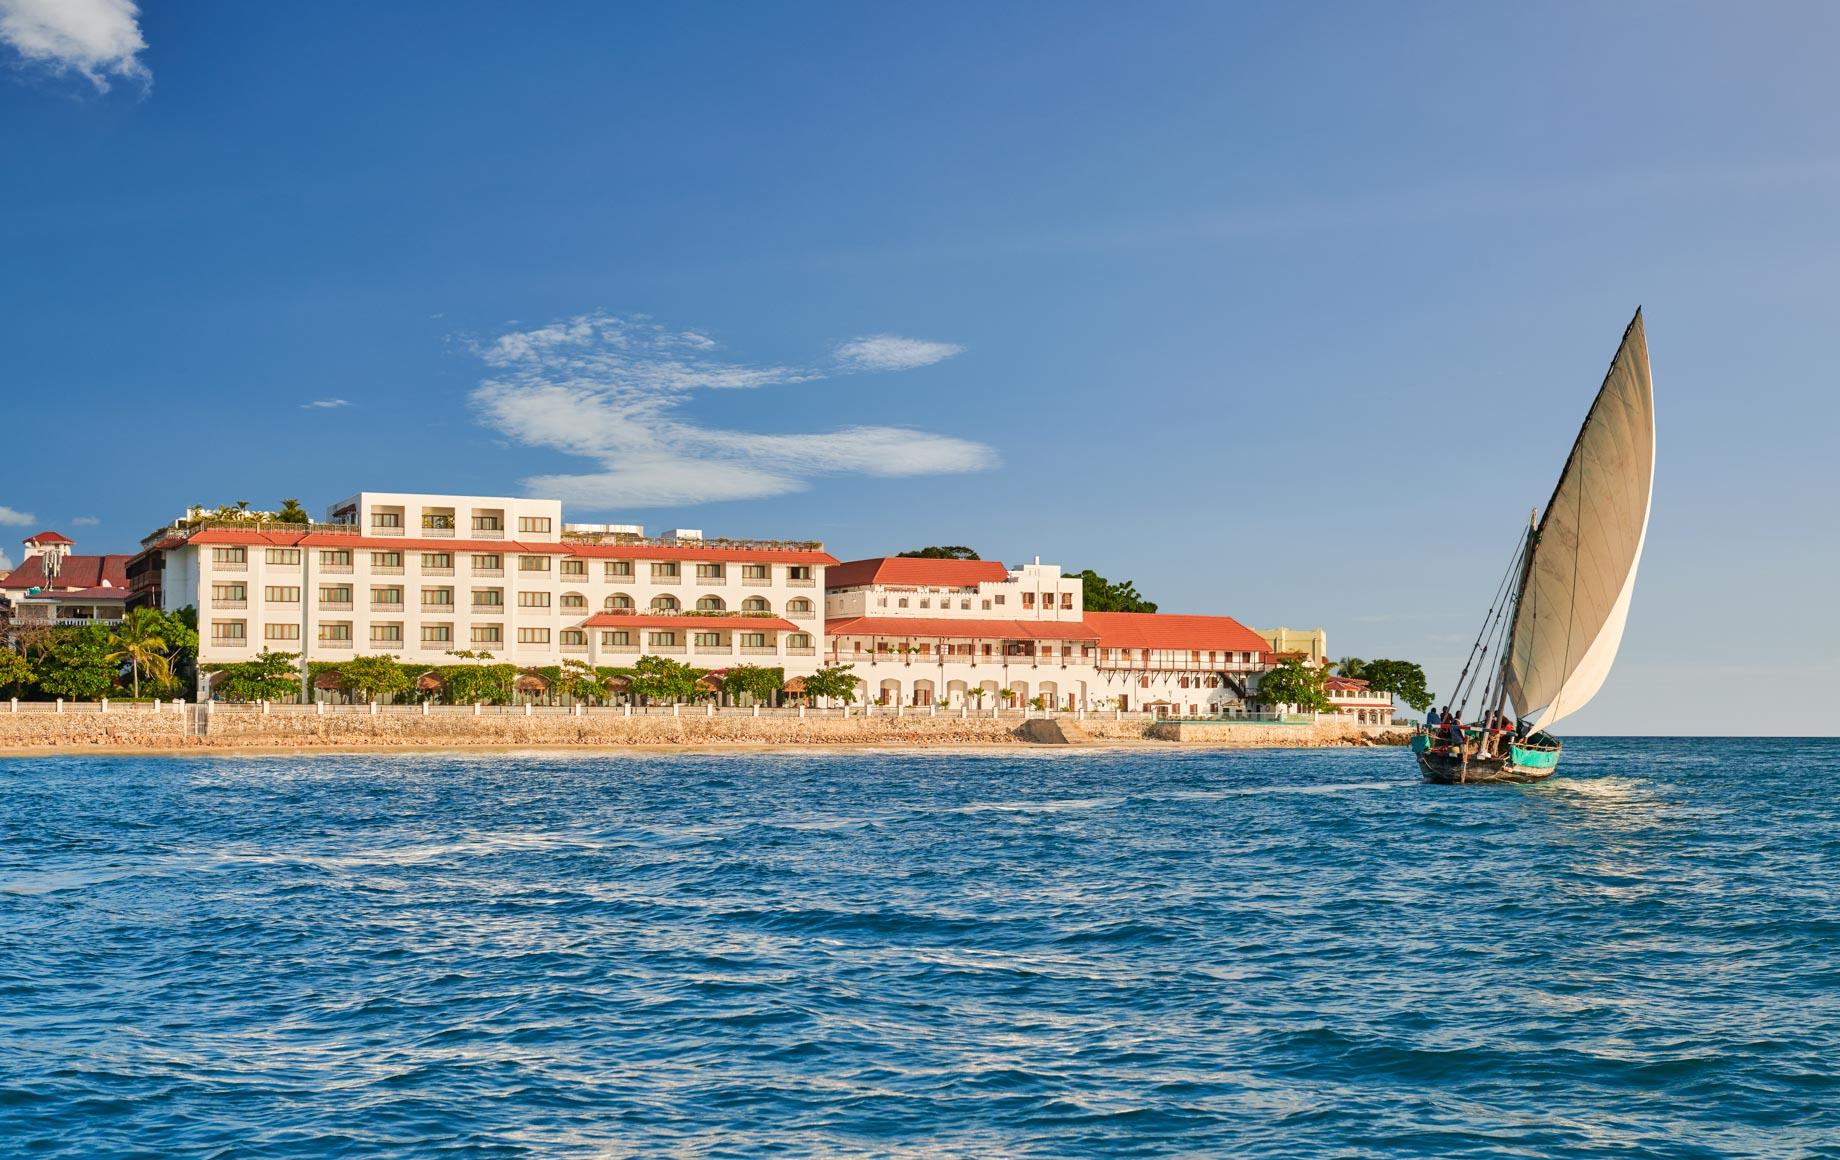 Sailboat near Park Hyatt, Zanzibar